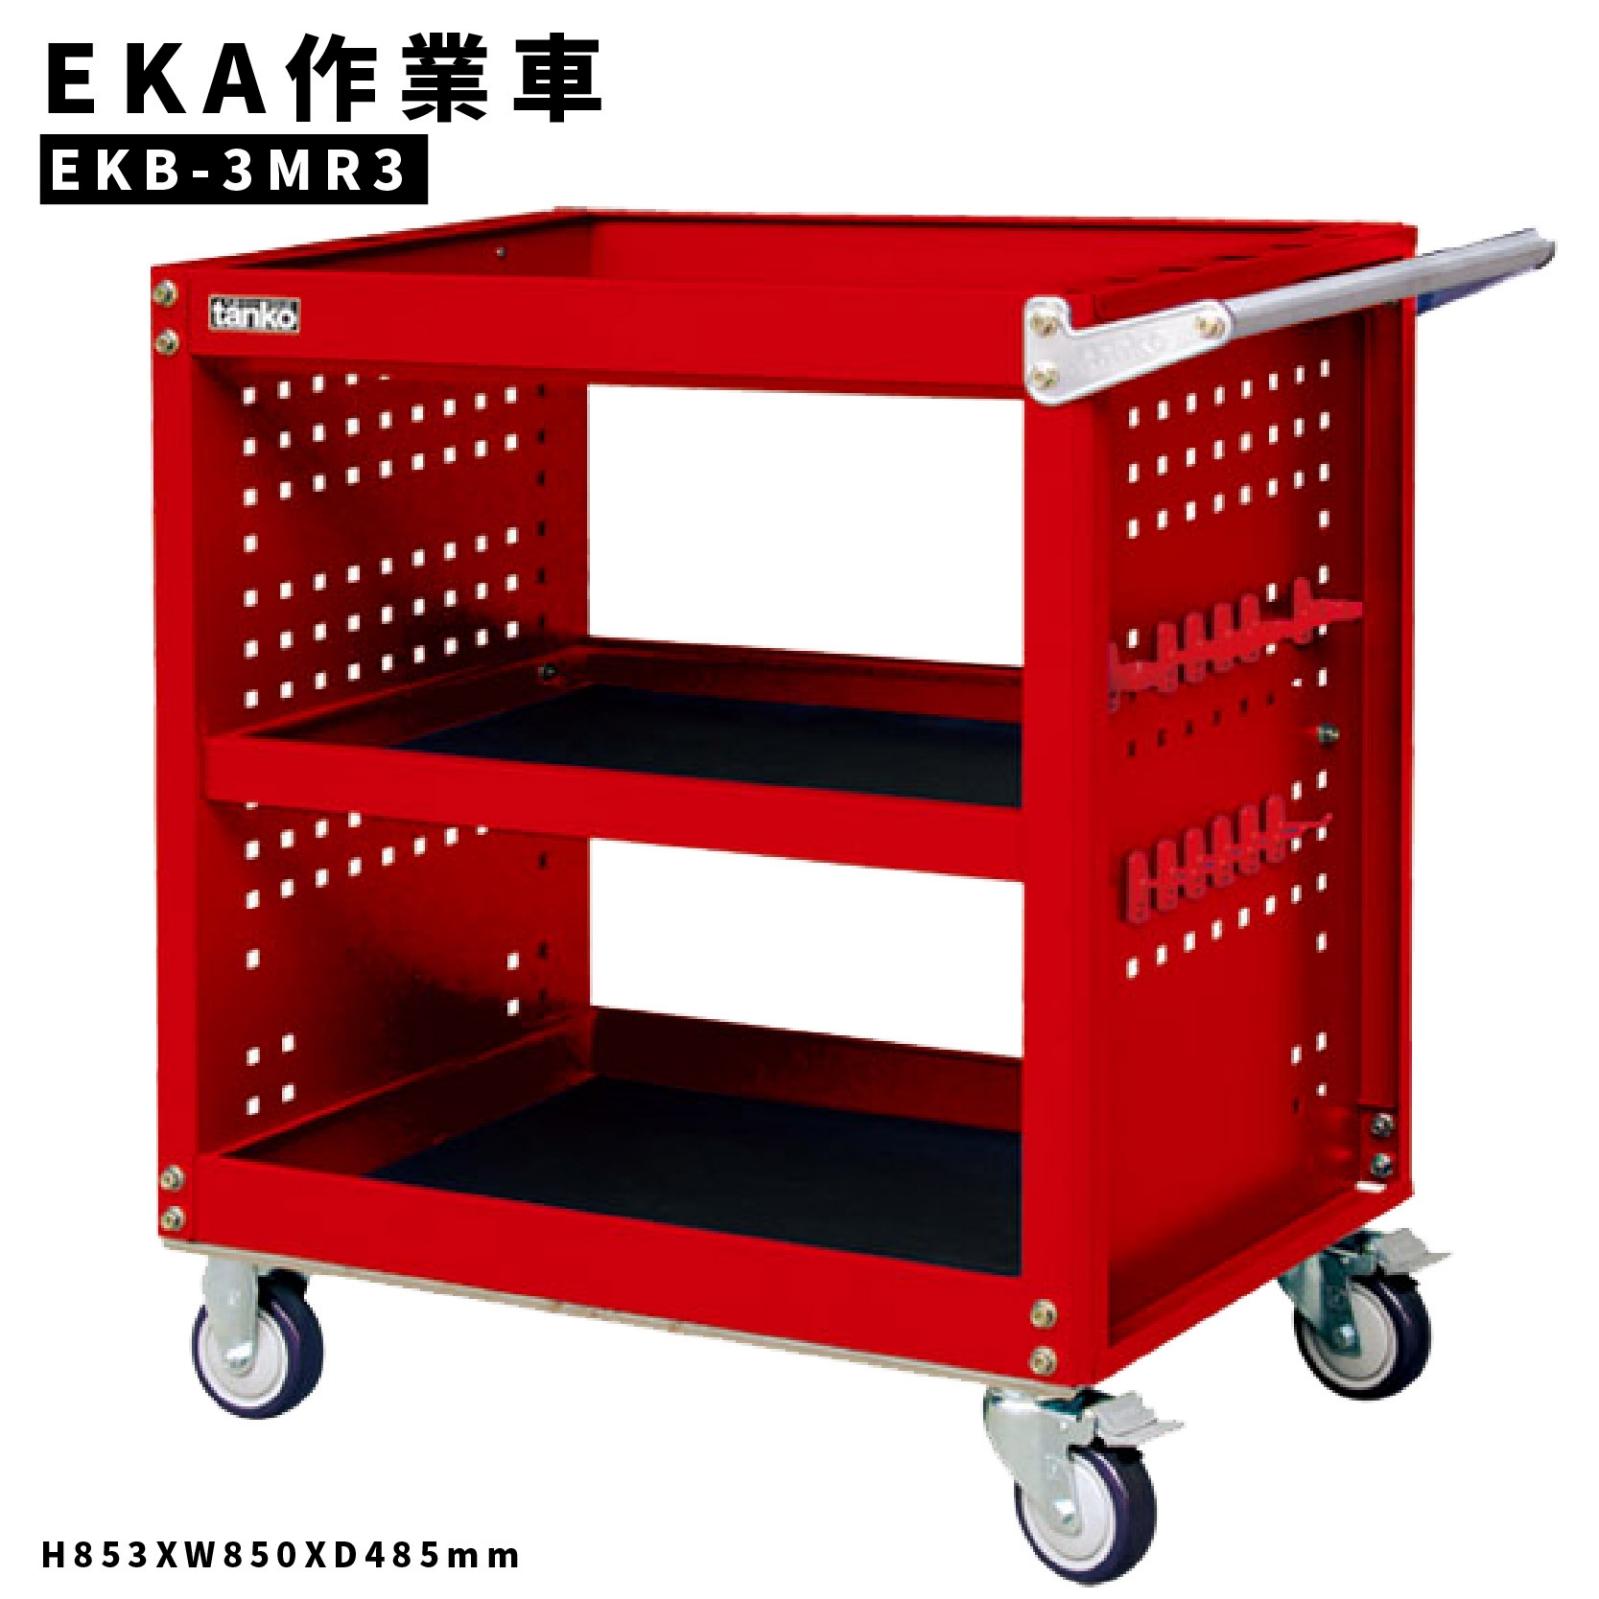 EKB-3MR3《EKB作業車》紅色 工具車 手推車 車行 保養廠 工廠 車廠 汽車維修廠 含掛鉤一組(12pcs)